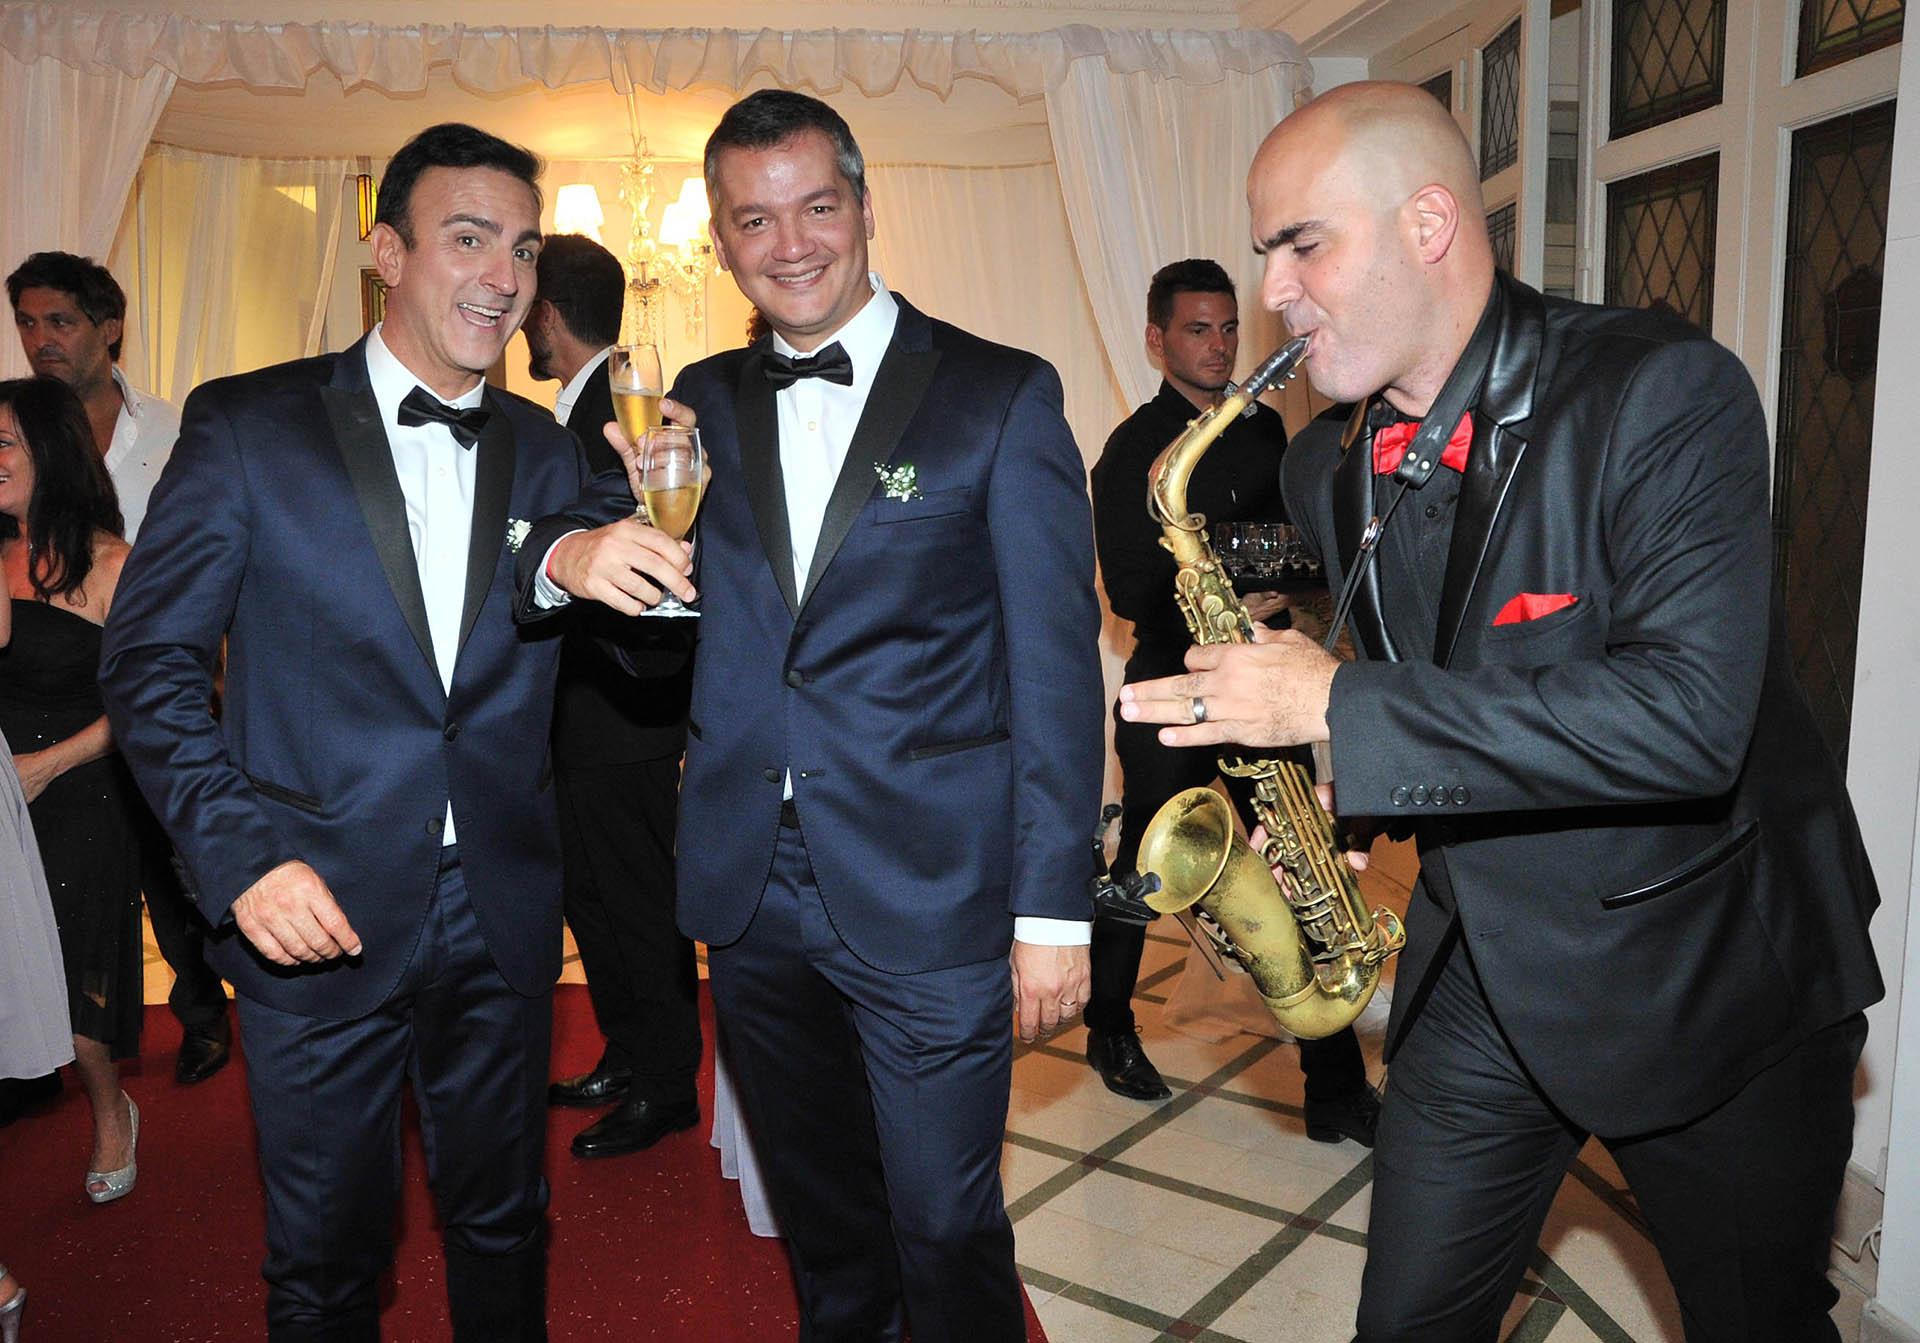 Fin de fiesta: Luis y Damián, ya felizmente casados (Fotos: Teleshow)